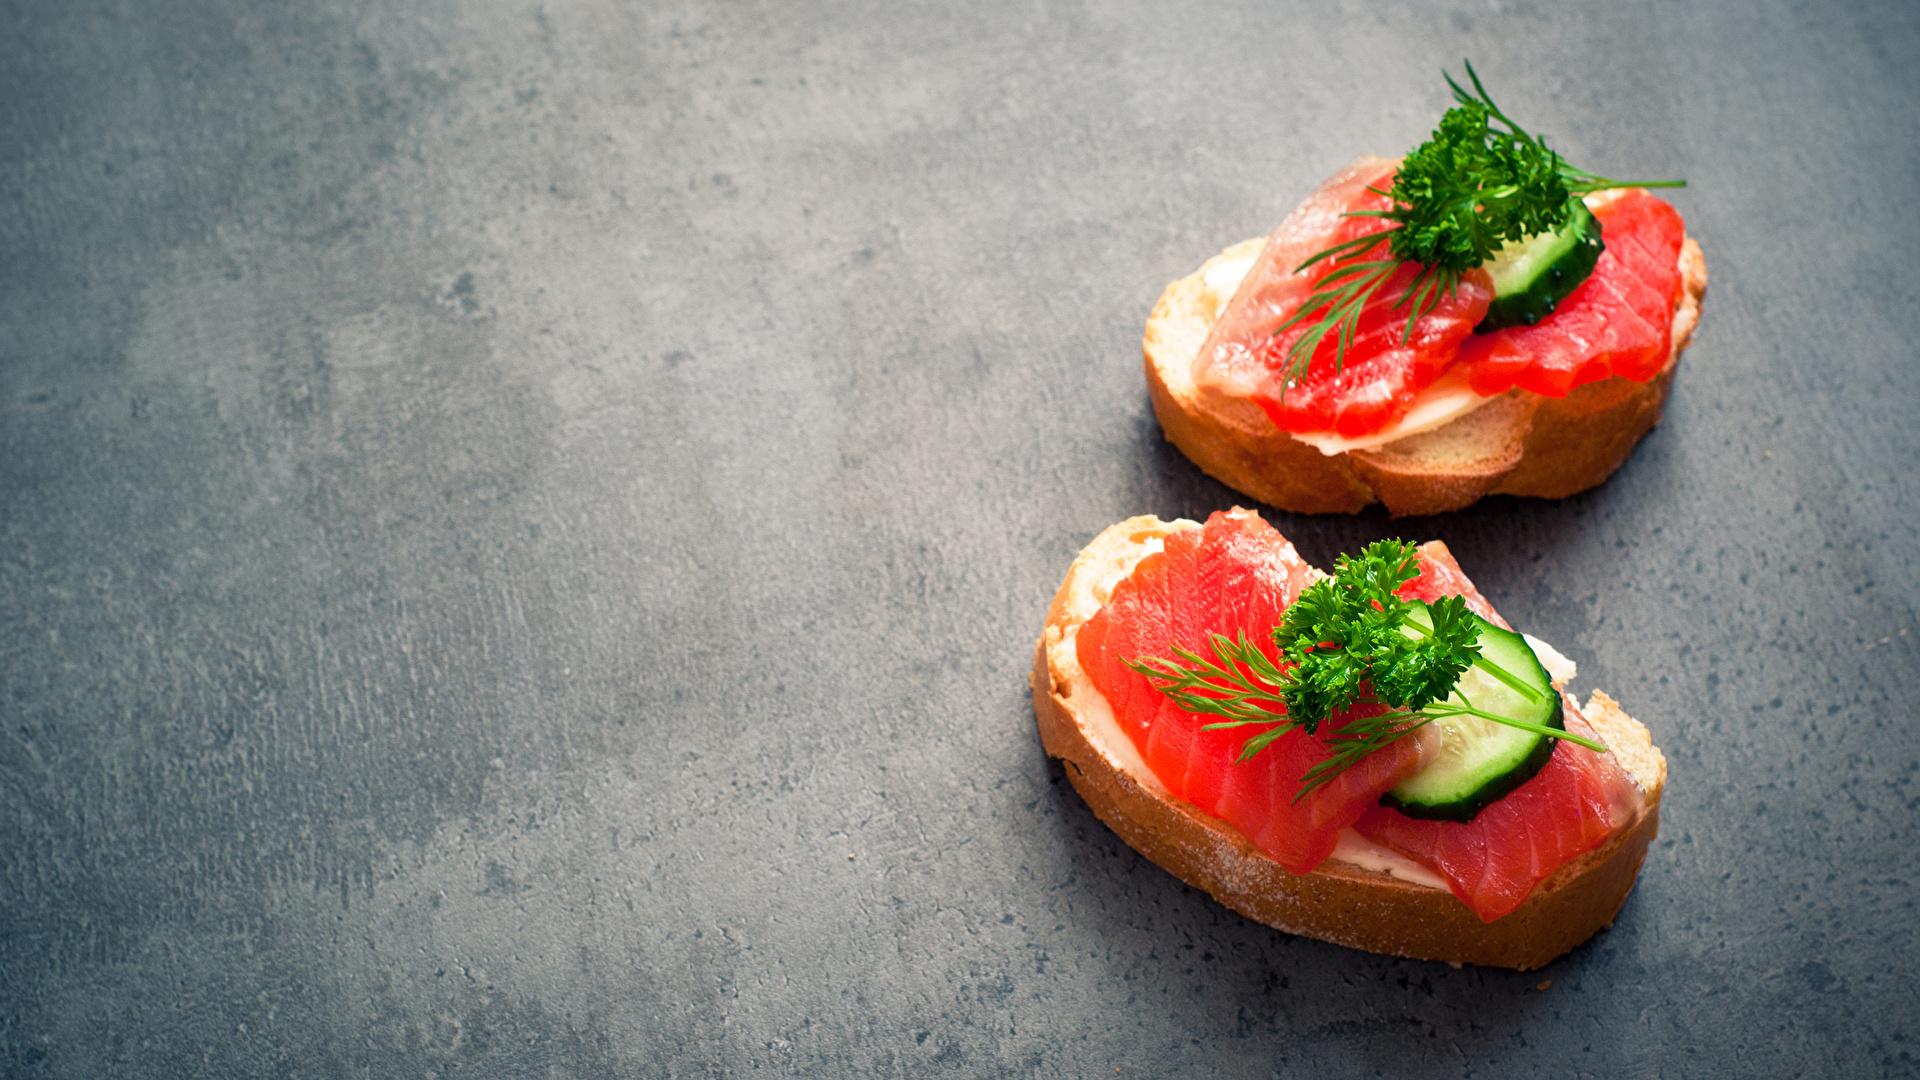 Fotos Zwei Brot Butterbrot Fische - Lebensmittel Gemüse das Essen 1920x1080 2 Lebensmittel